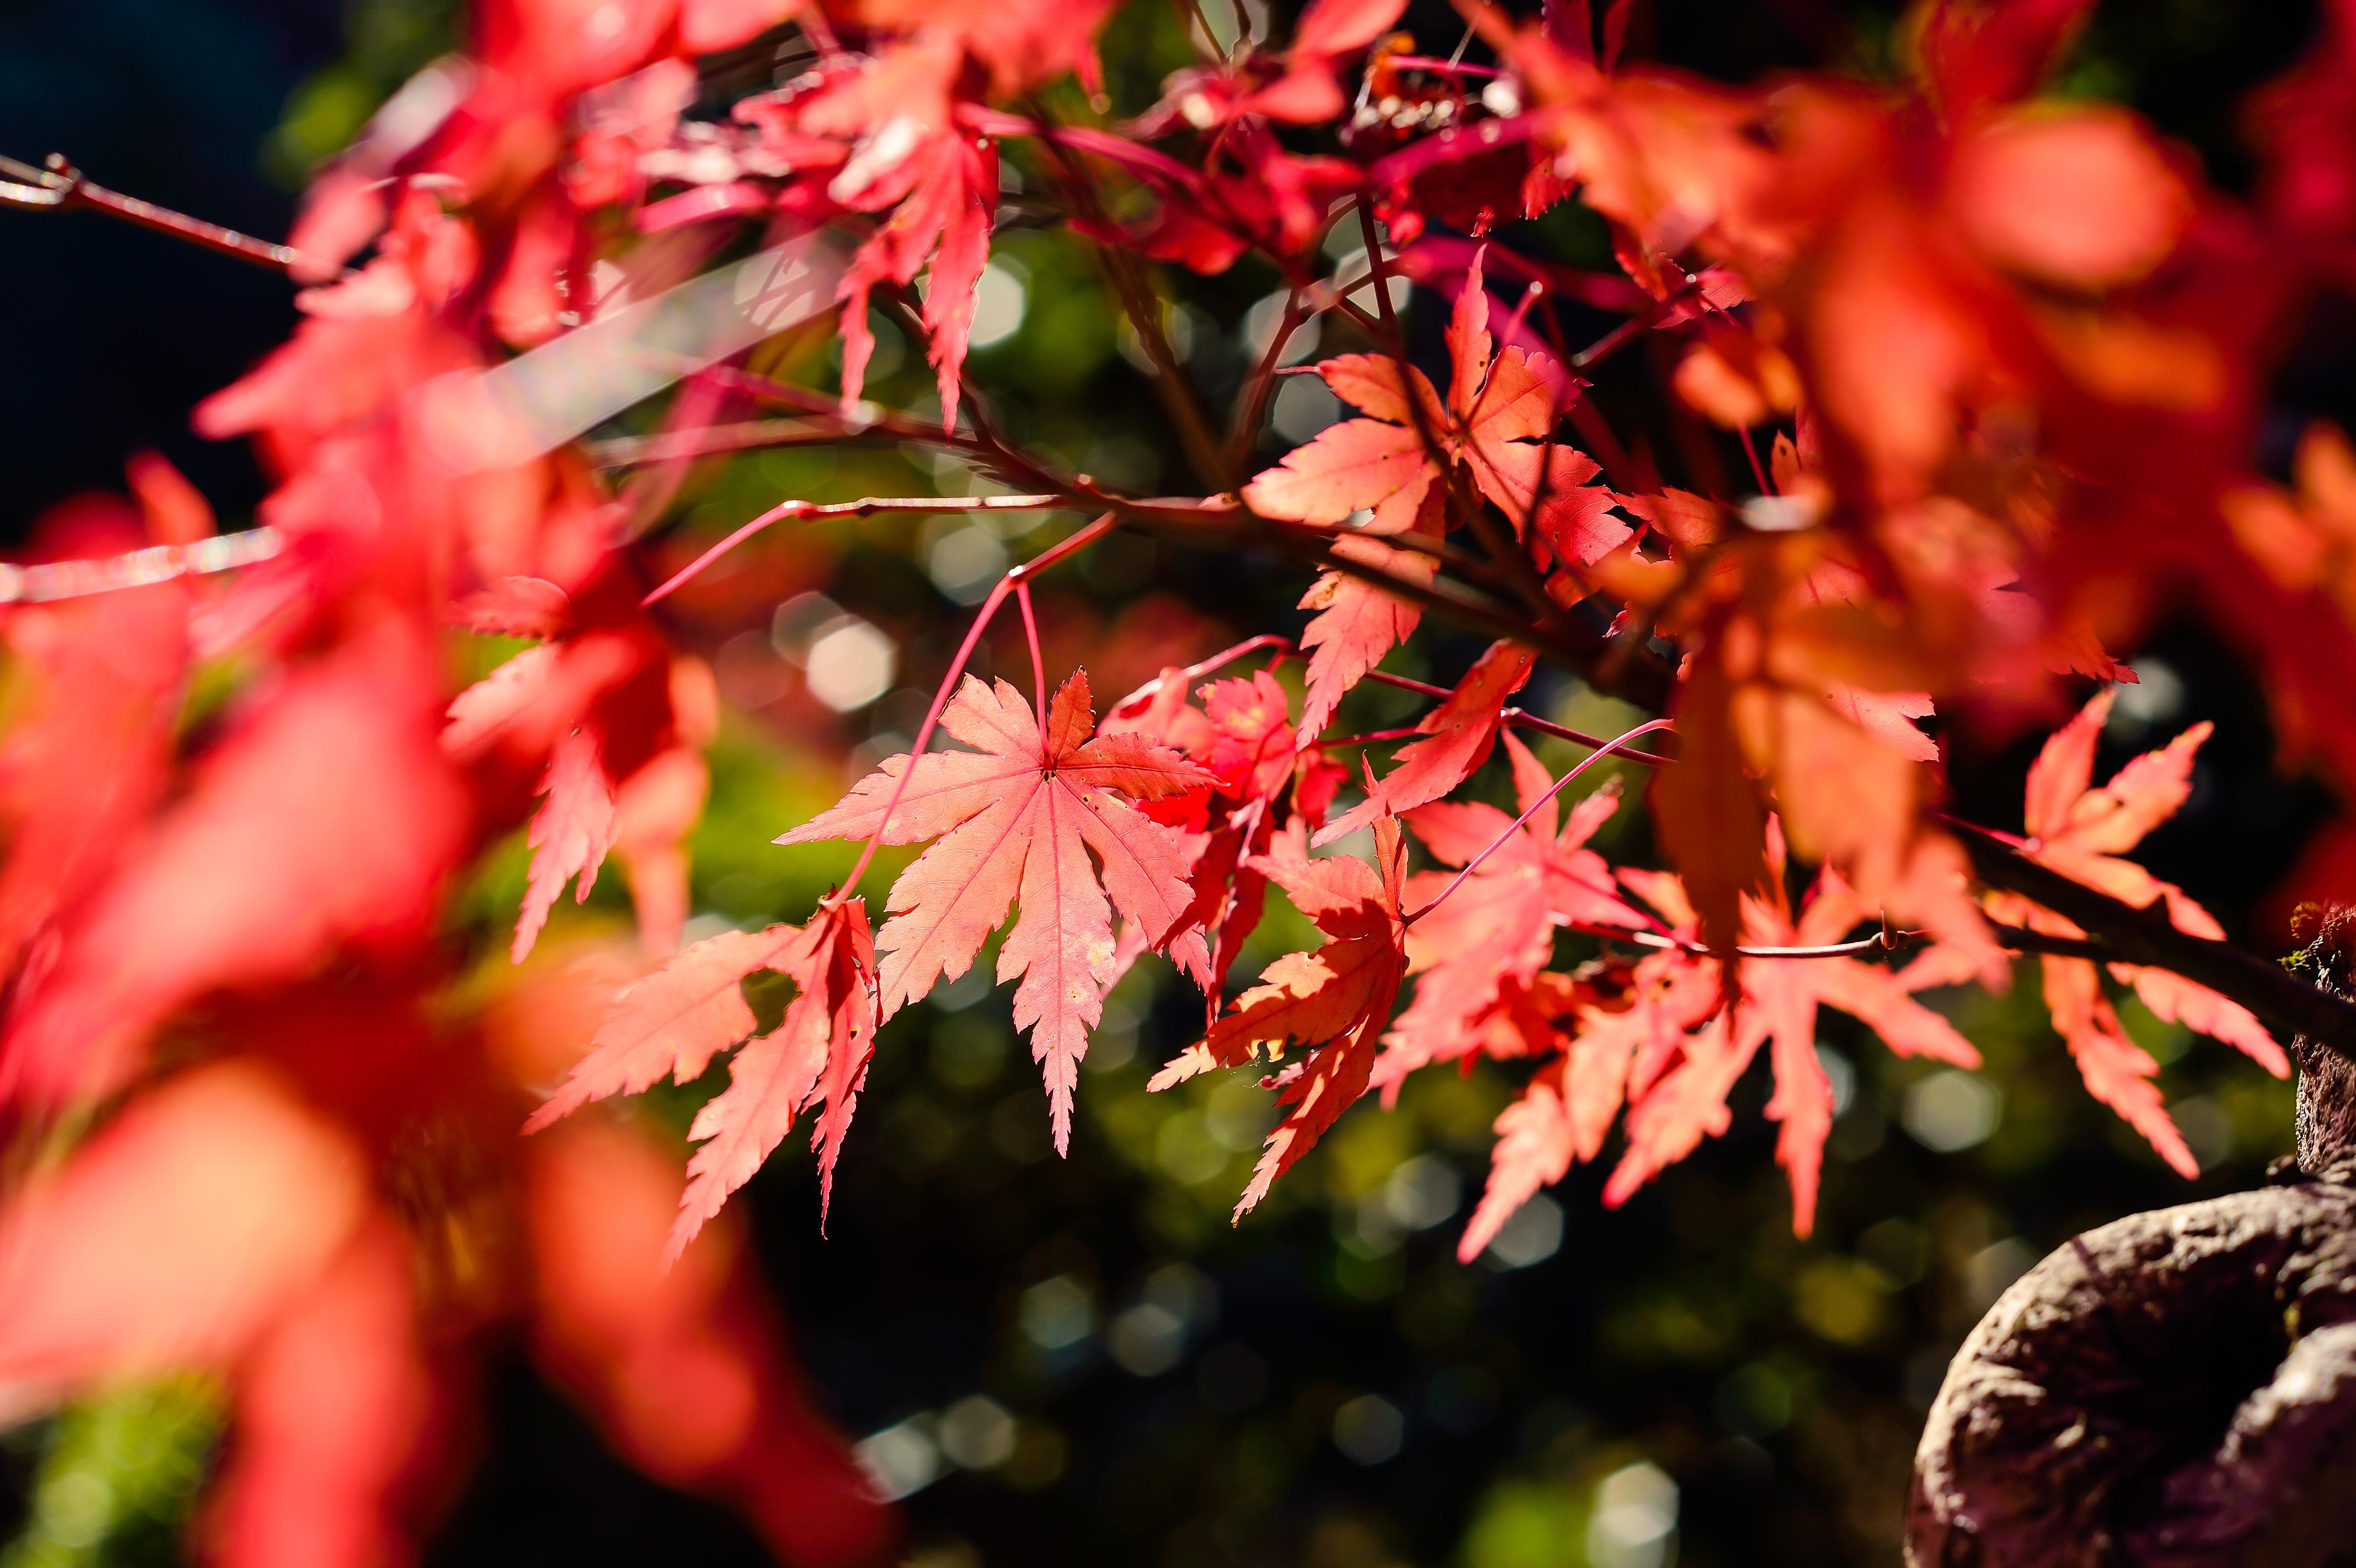 images gratuites paysage arbre branche fleur bois rouge naturel l 39 automne botanique. Black Bedroom Furniture Sets. Home Design Ideas